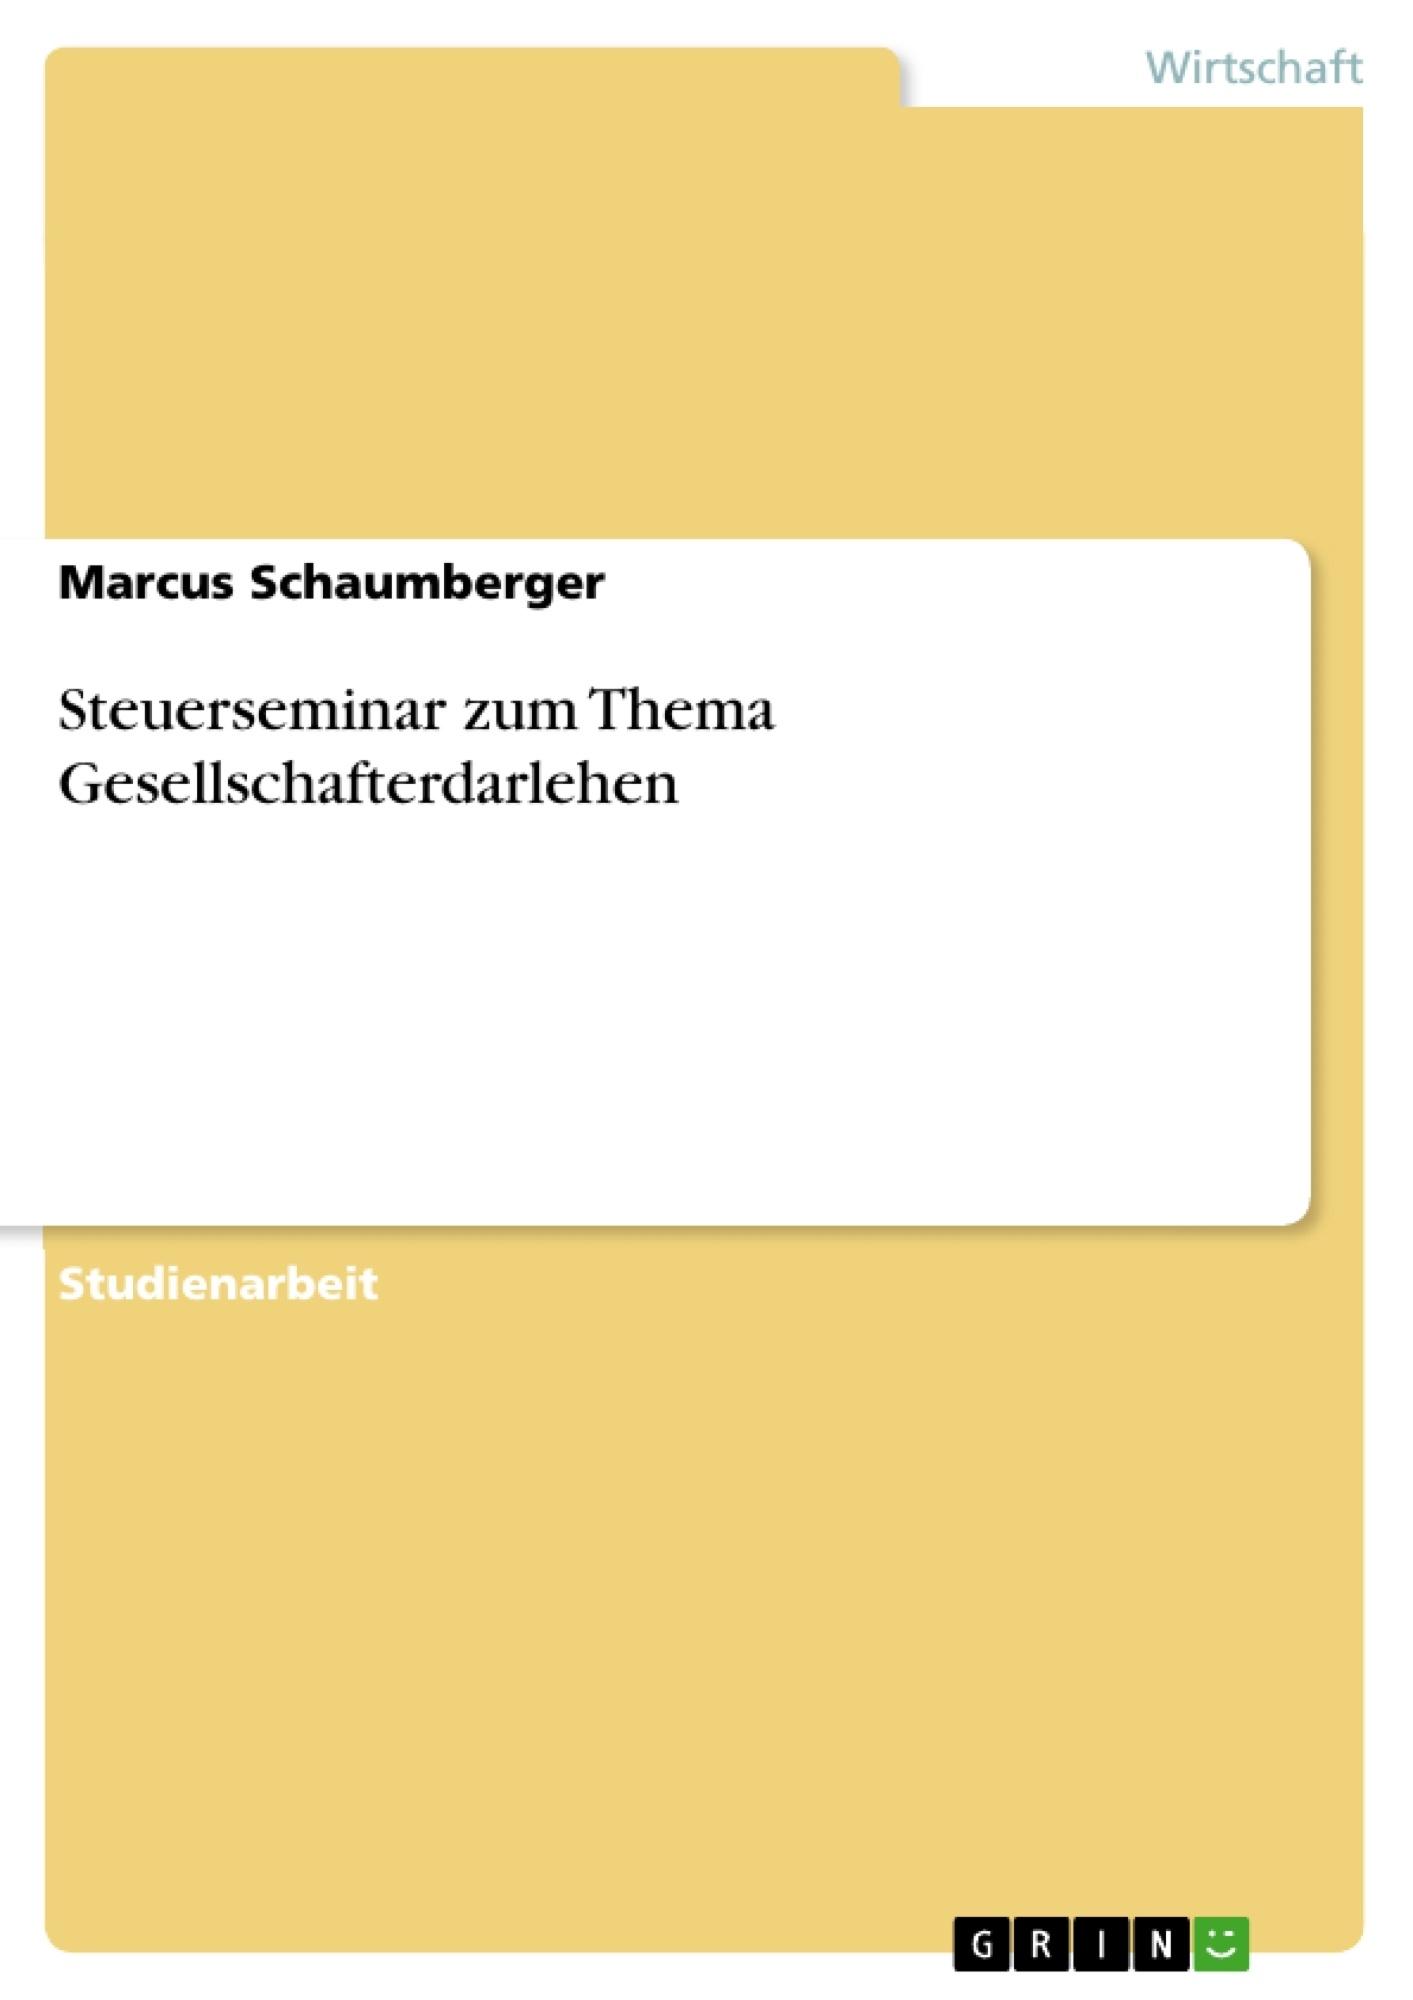 Titel: Steuerseminar zum Thema Gesellschafterdarlehen